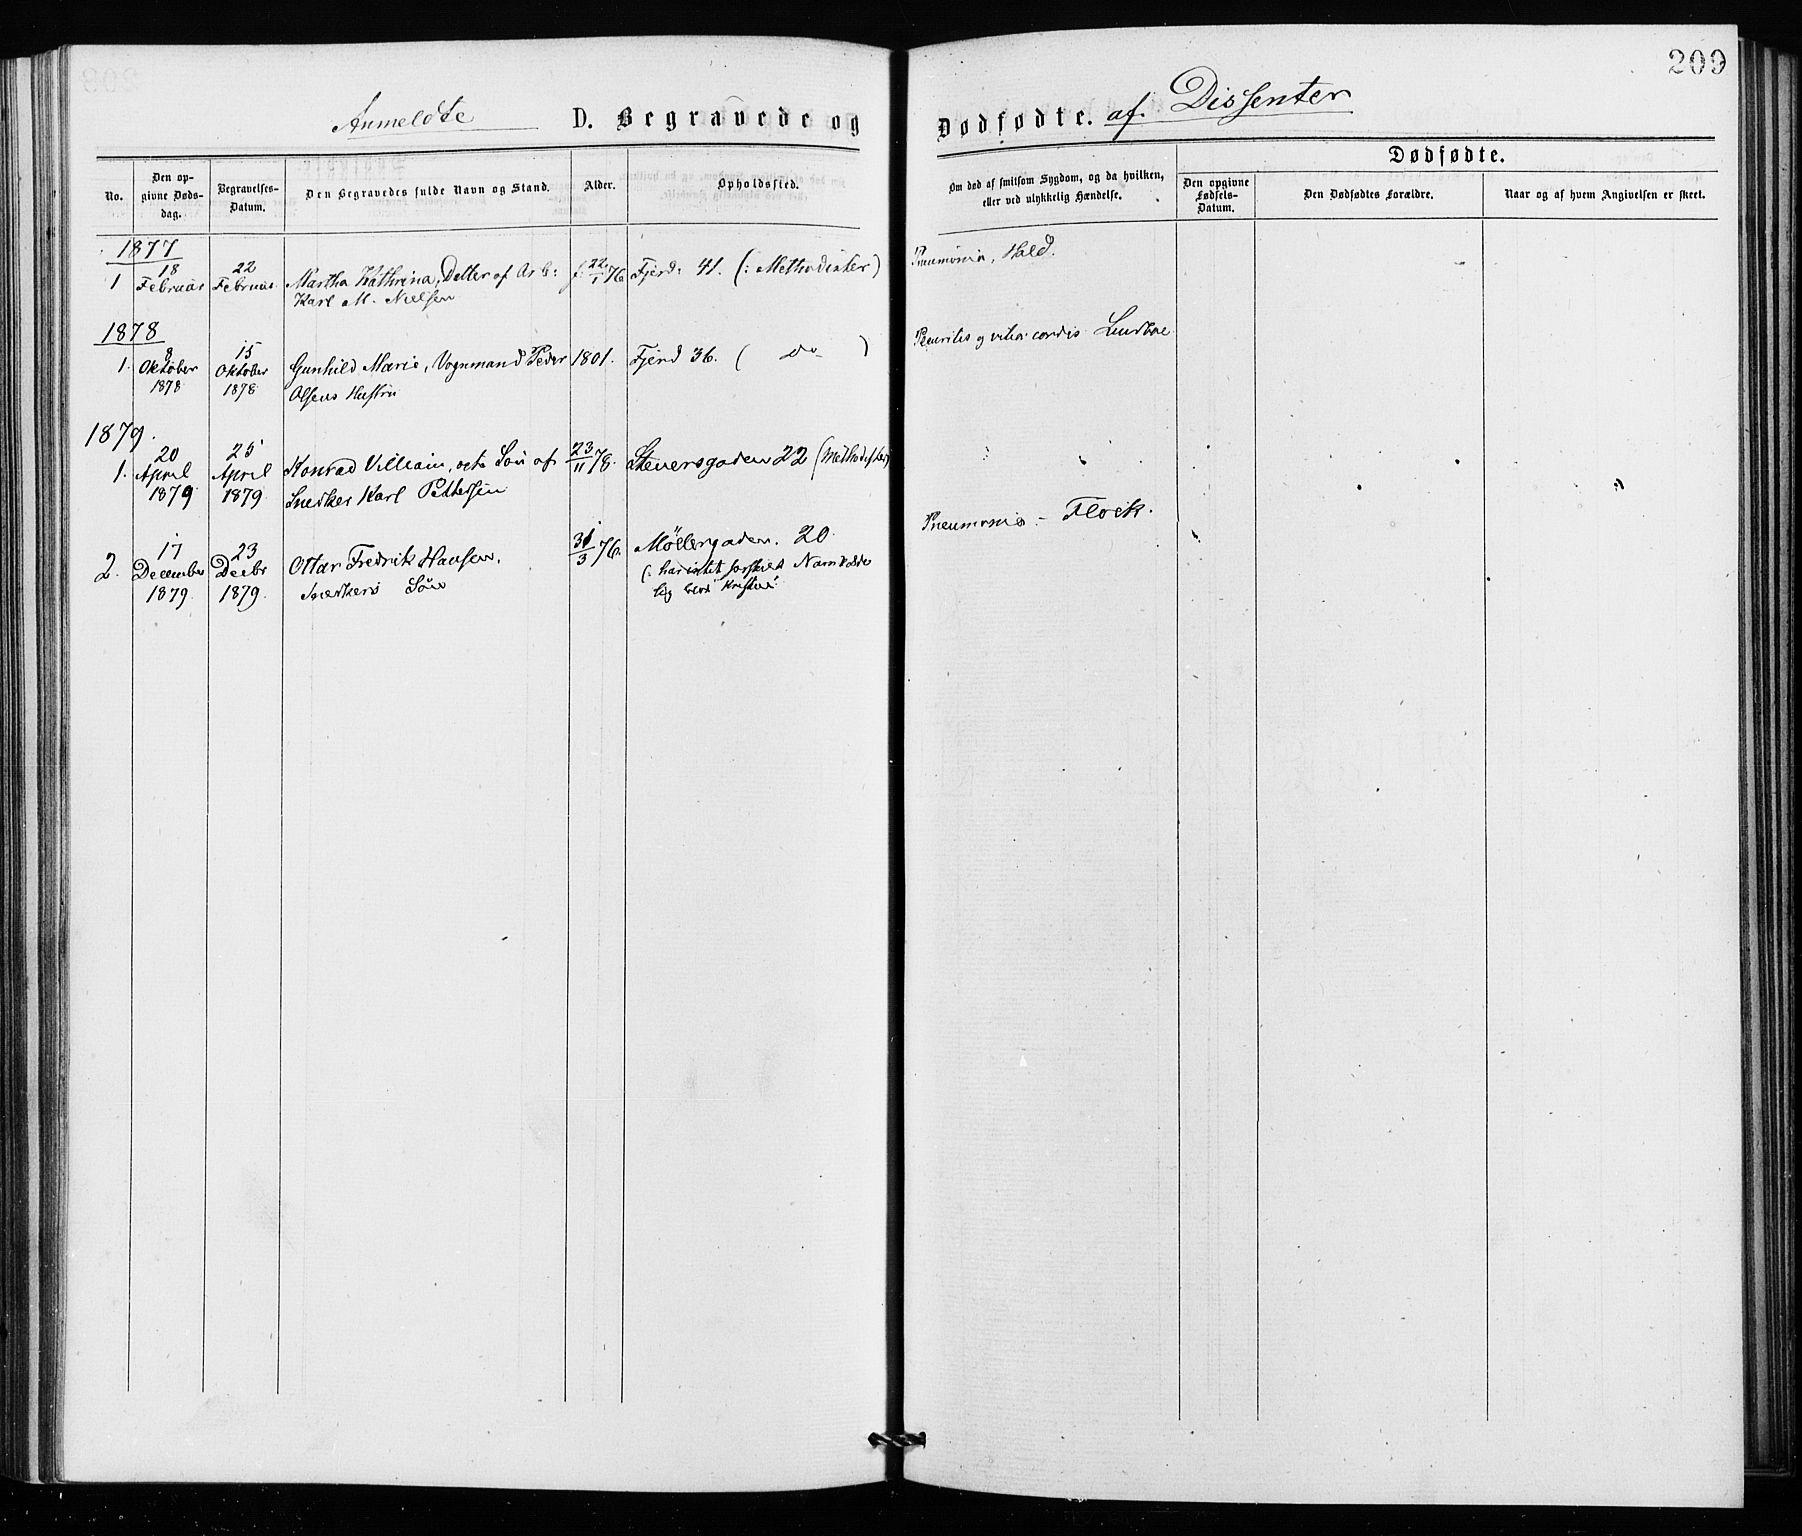 SAO, Jakob prestekontor Kirkebøker, F/Fa/L0002: Ministerialbok nr. 2, 1875-1879, s. 209